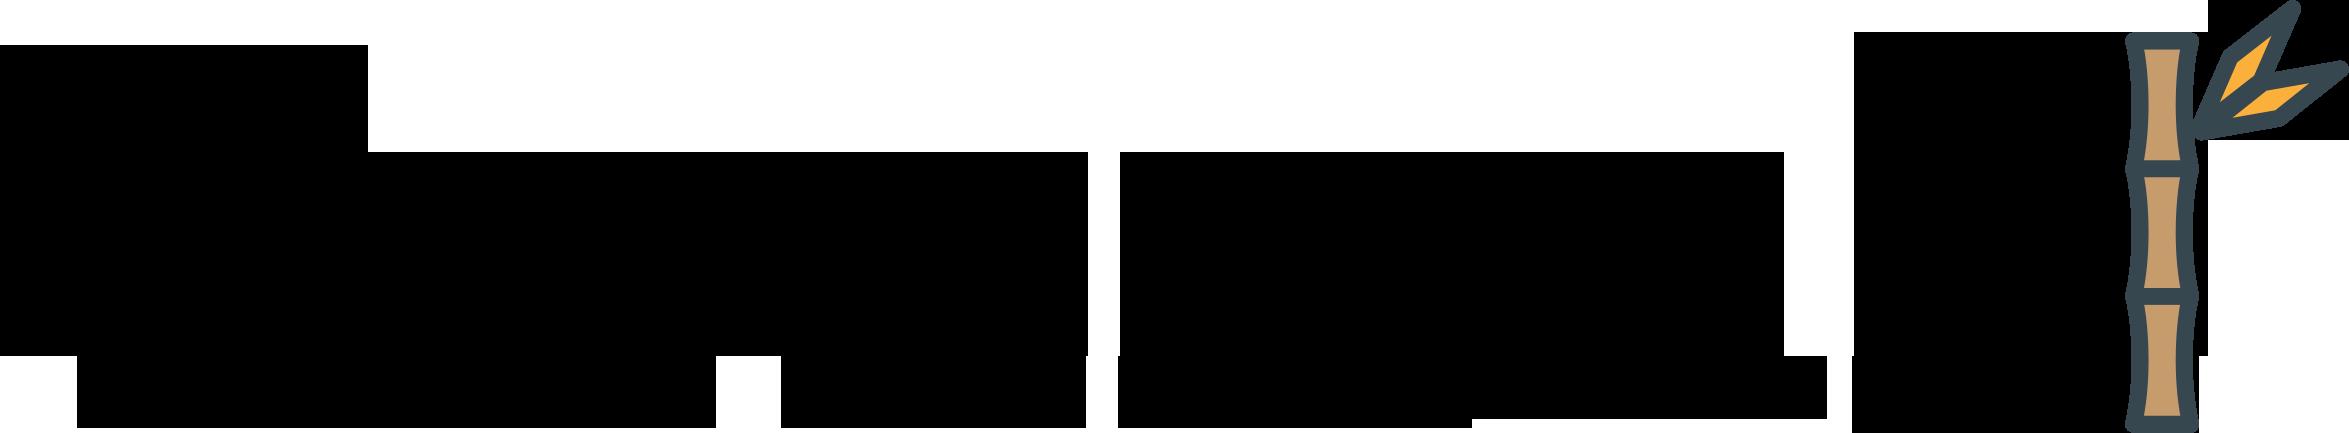 Tansamai